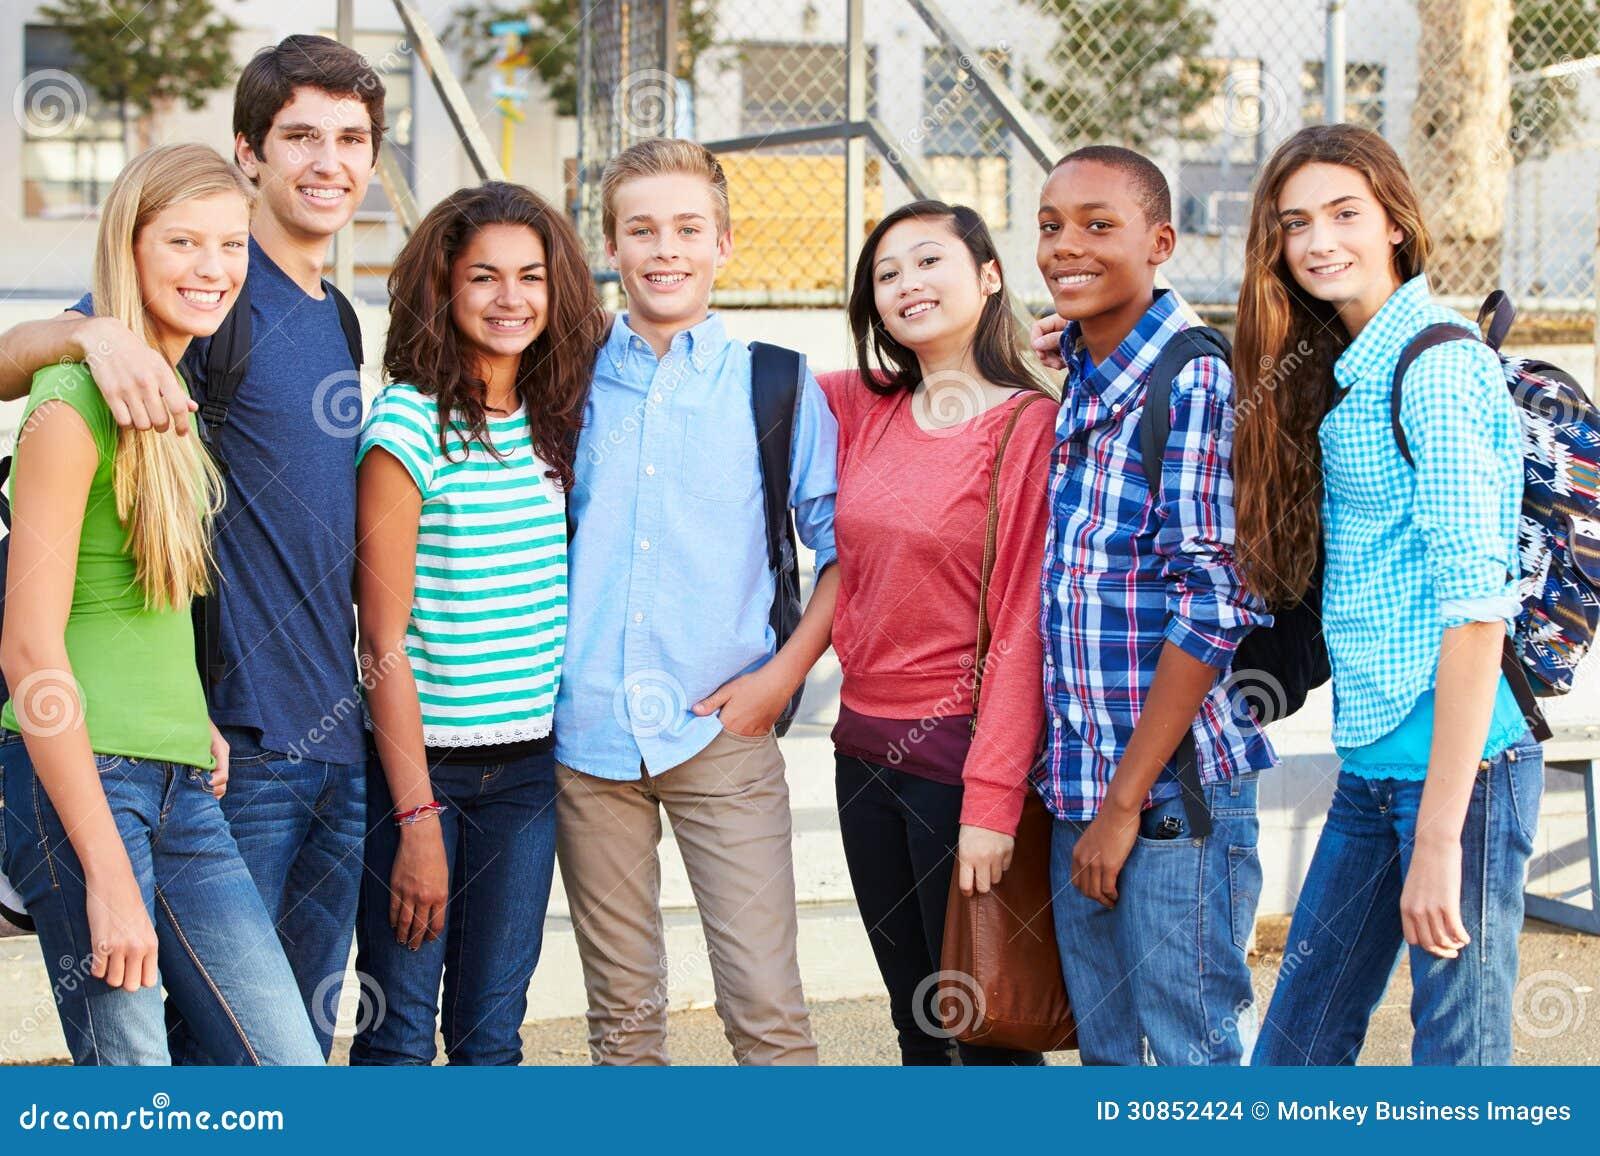 Fotos ligeramente en adolescente gratis